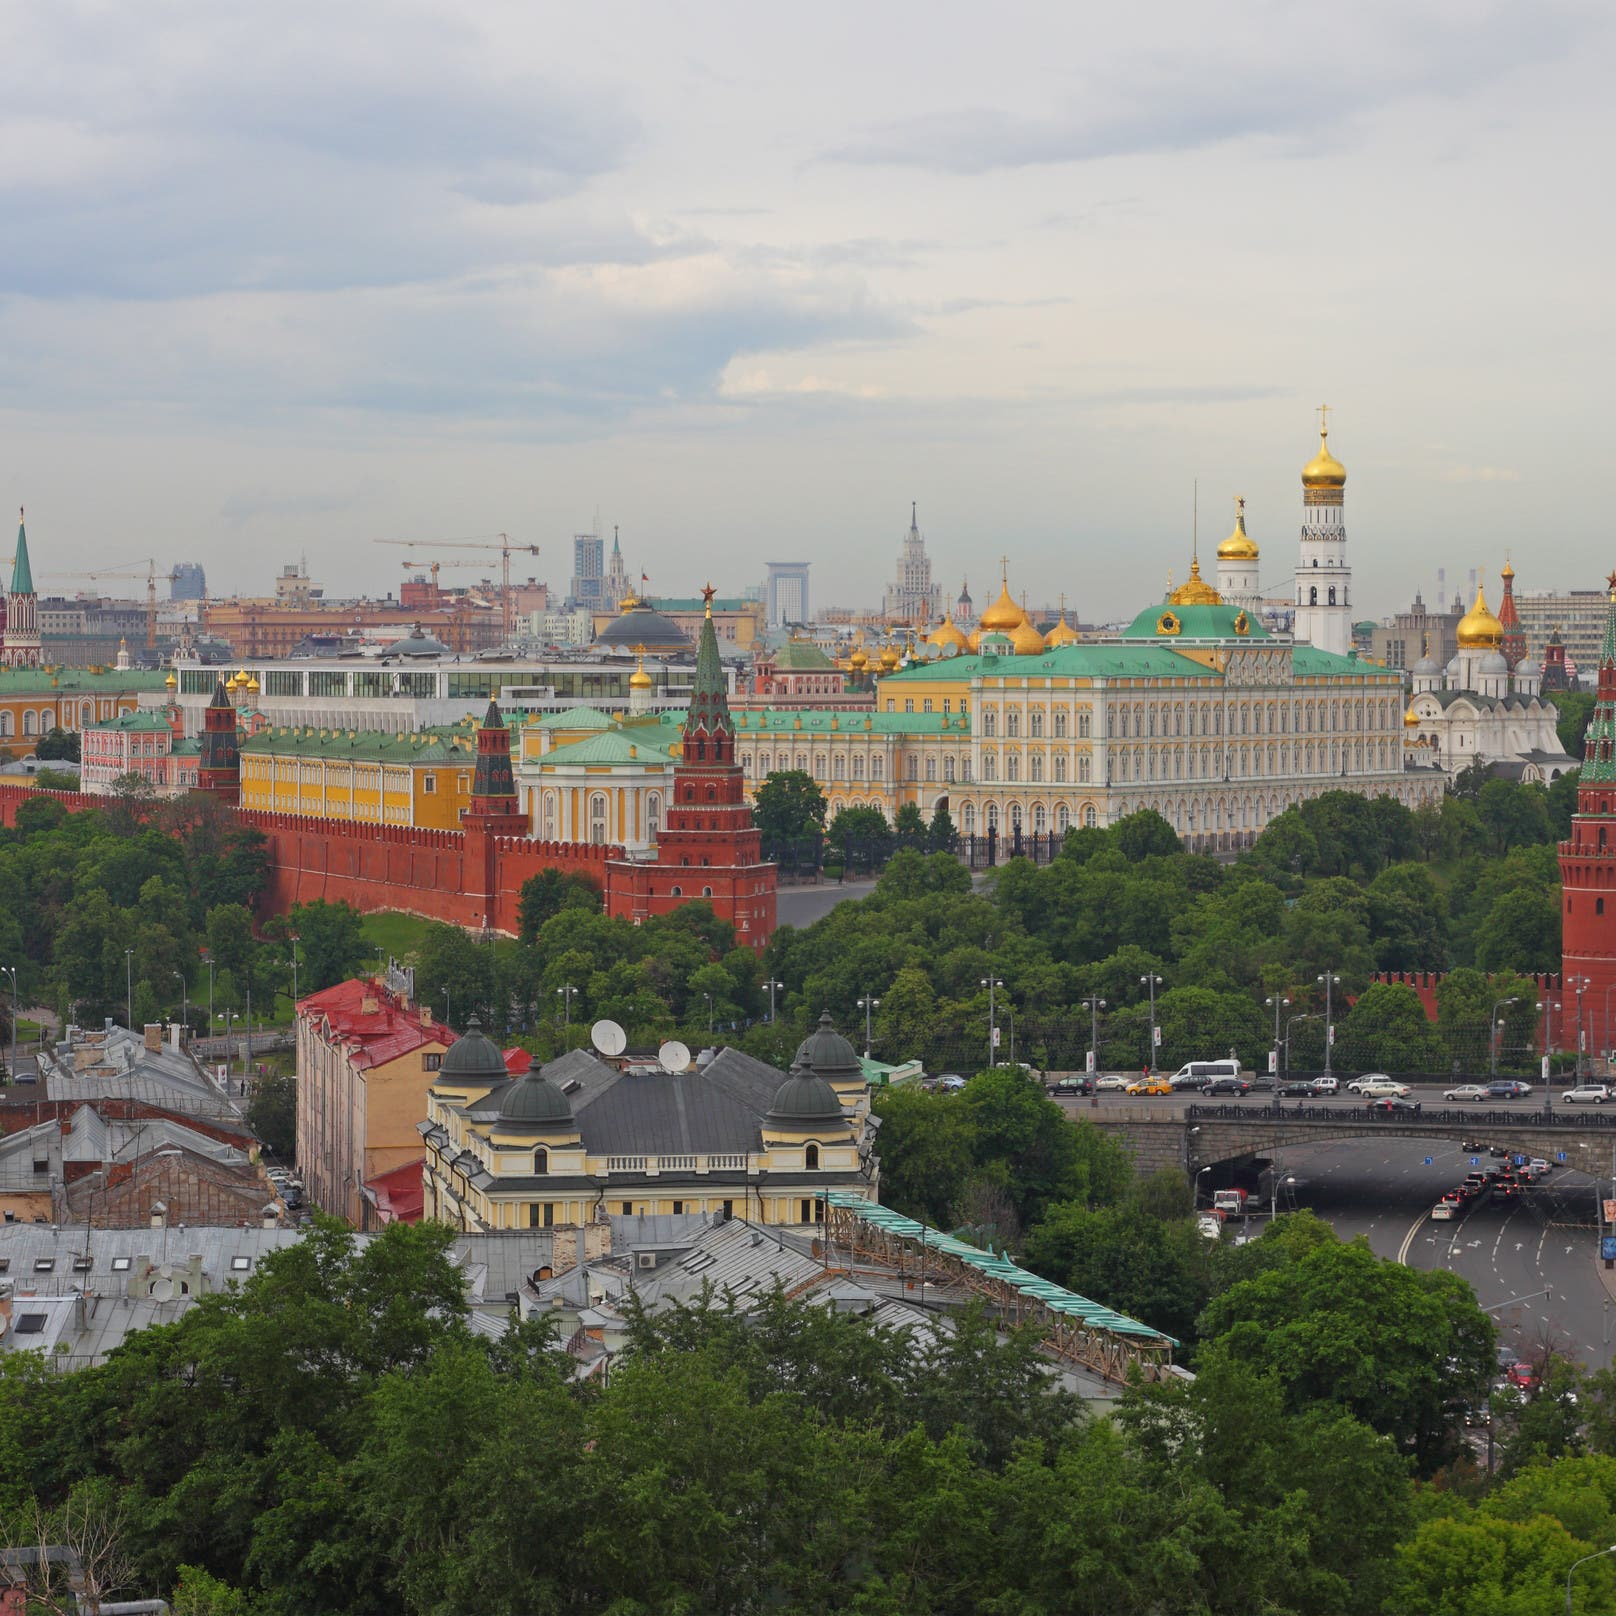 روسيا لدول أوروبا: تعملون جميعاً ضدنا